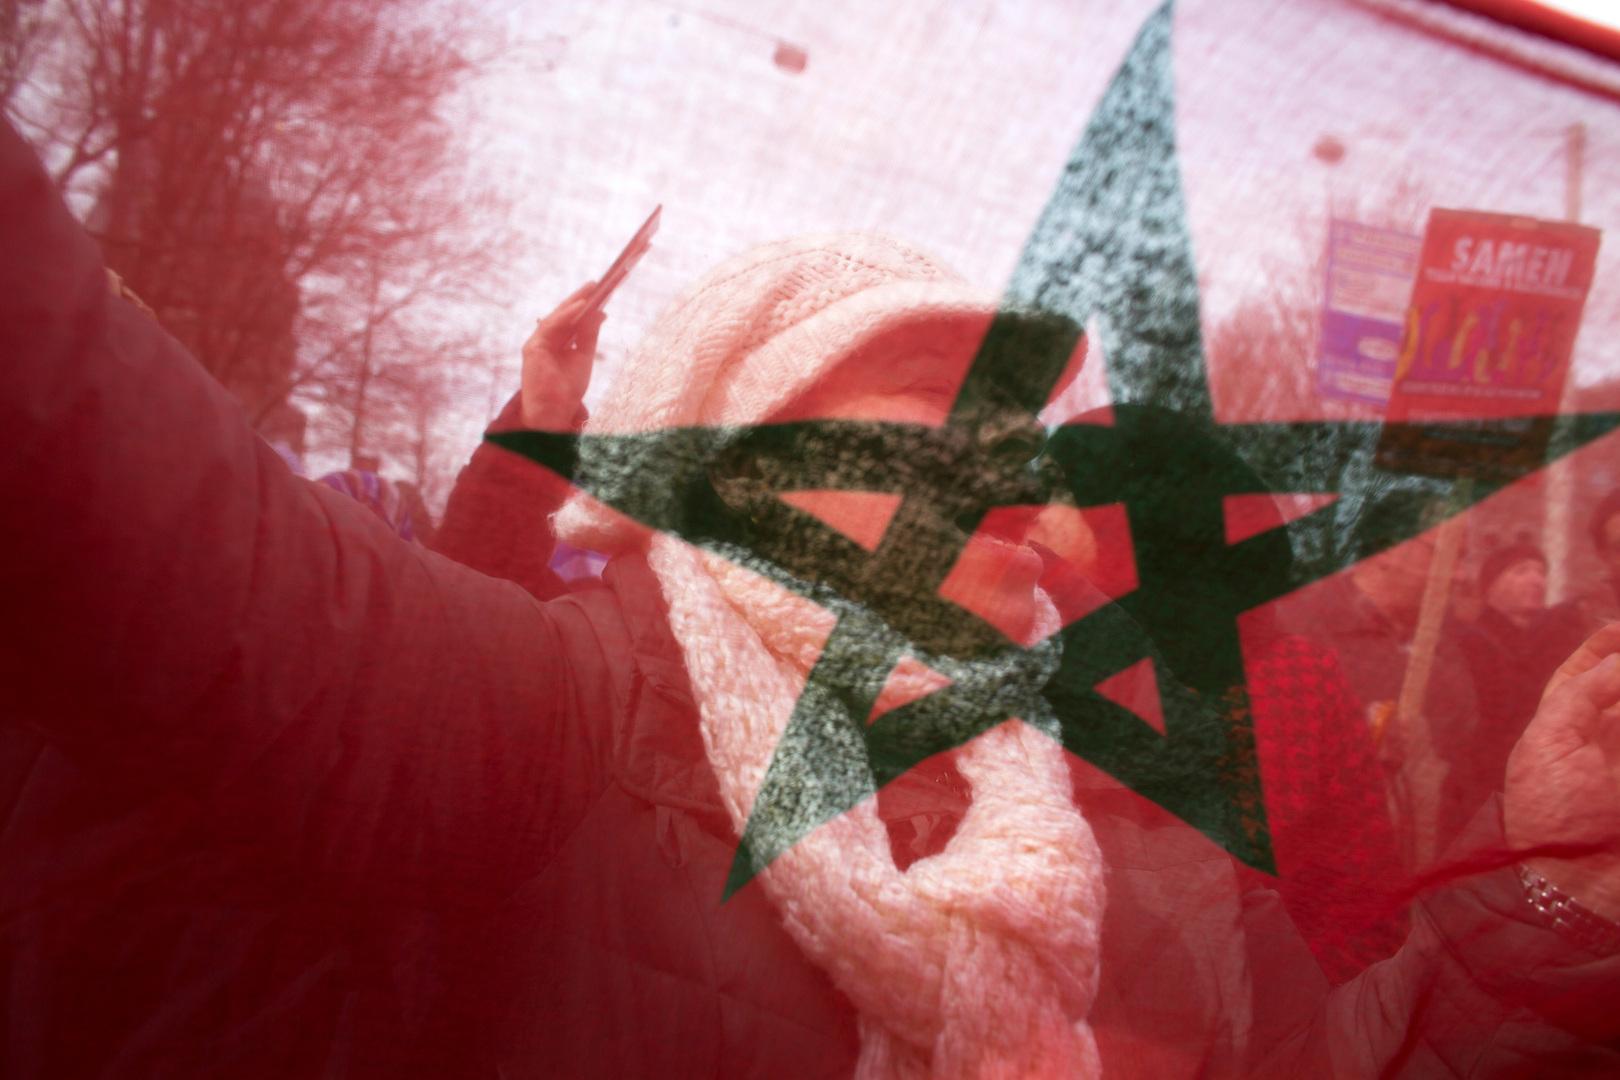 باريس: لا نخشى ولا نتوقع مقاطعة المغرب منتجاتنا